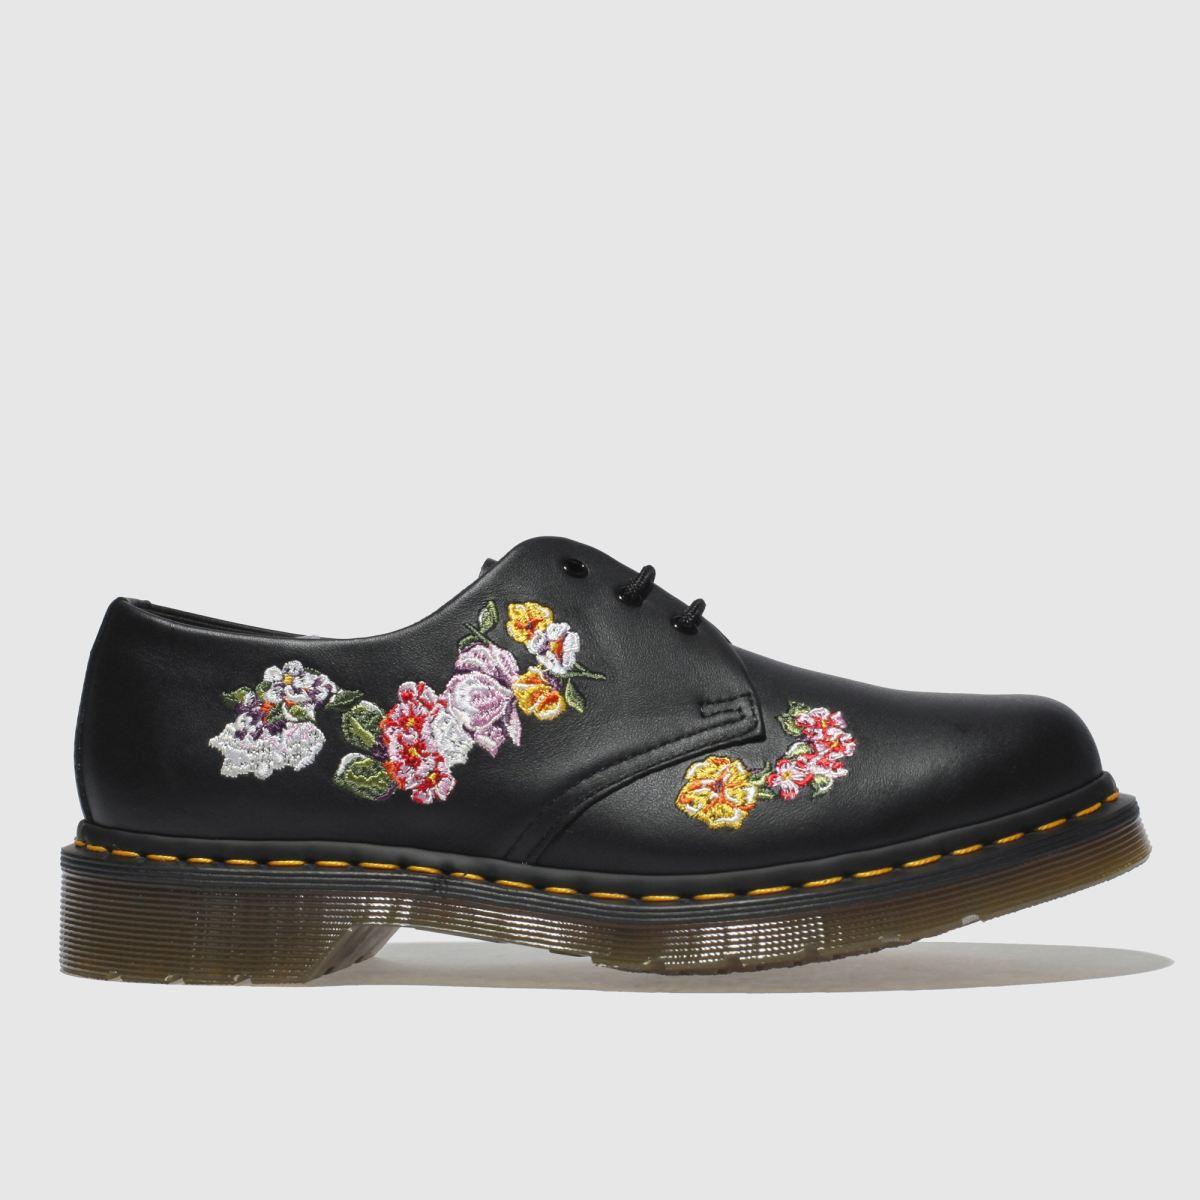 Dr Martens Black 1461 Vonda Ii Flat Shoes